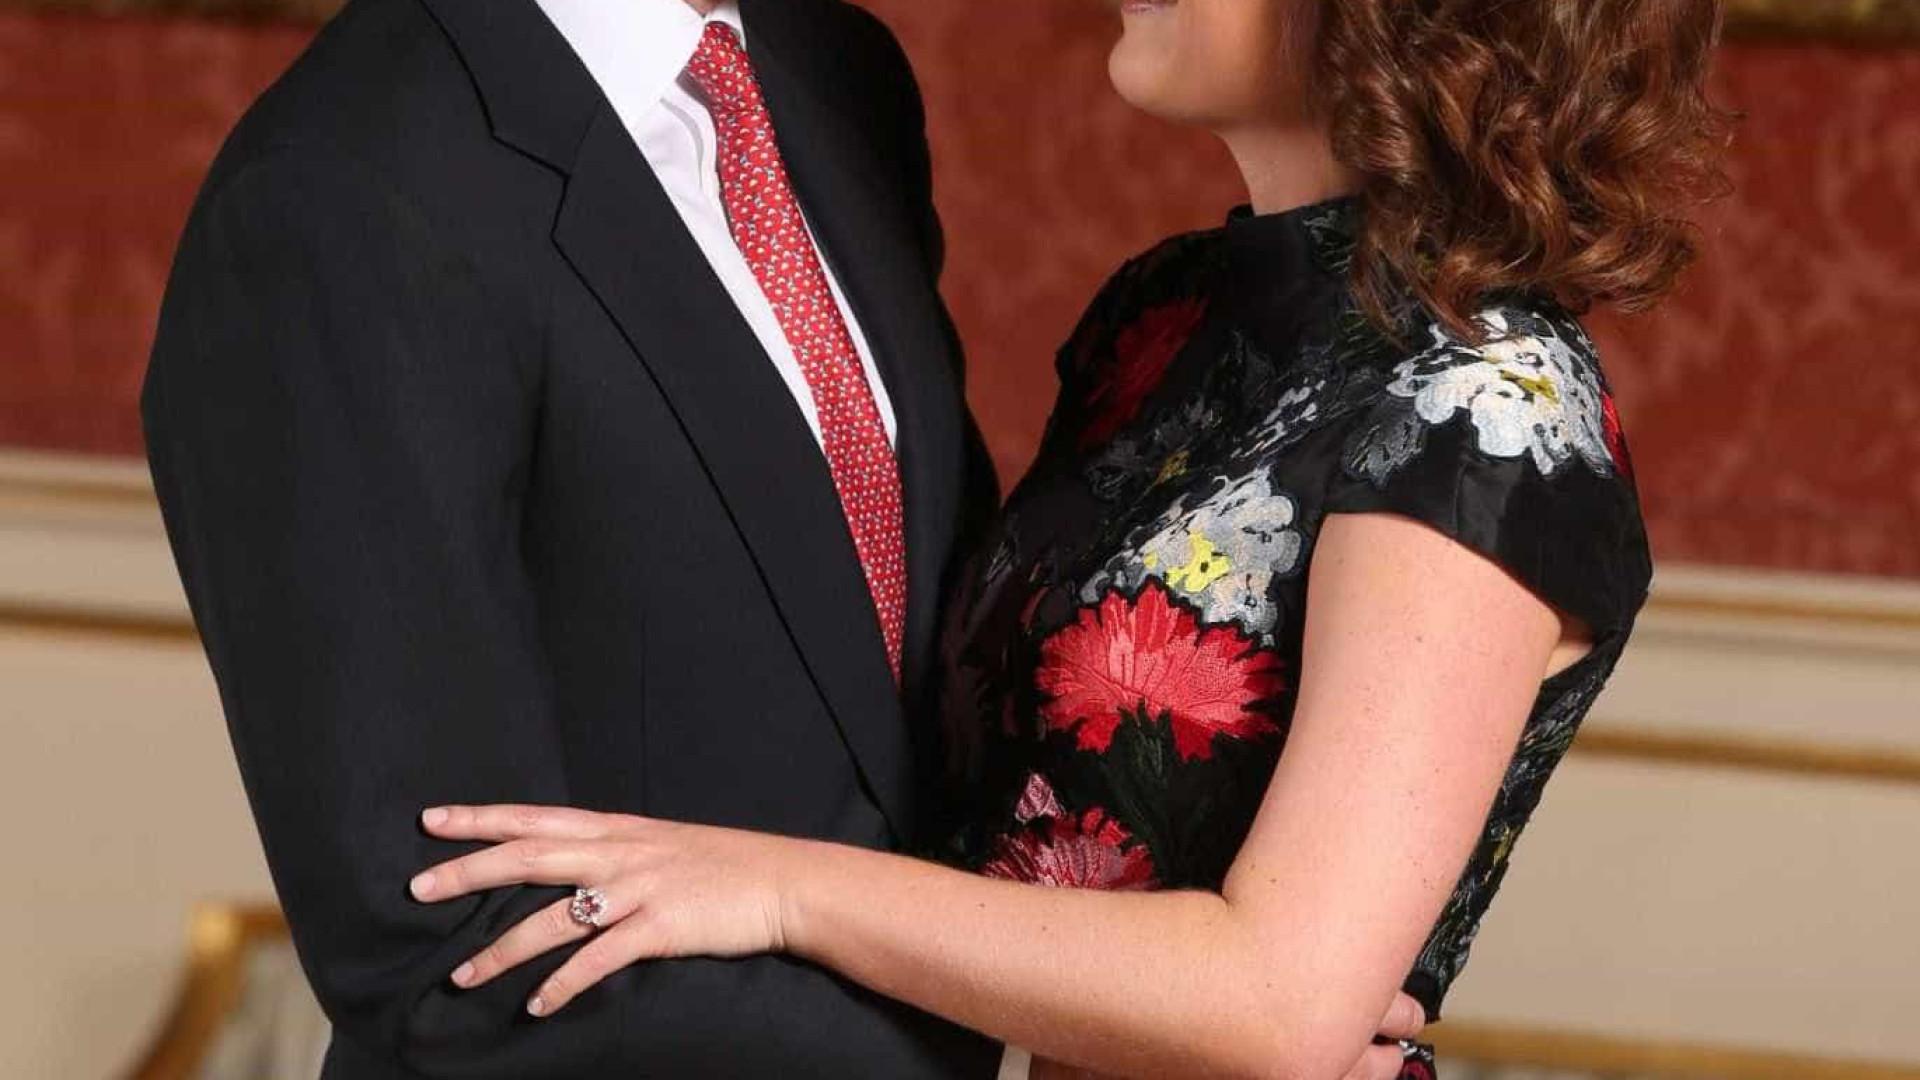 Imprensa destaca semelhanças de anel de noivado de Eugenie com o da mãe